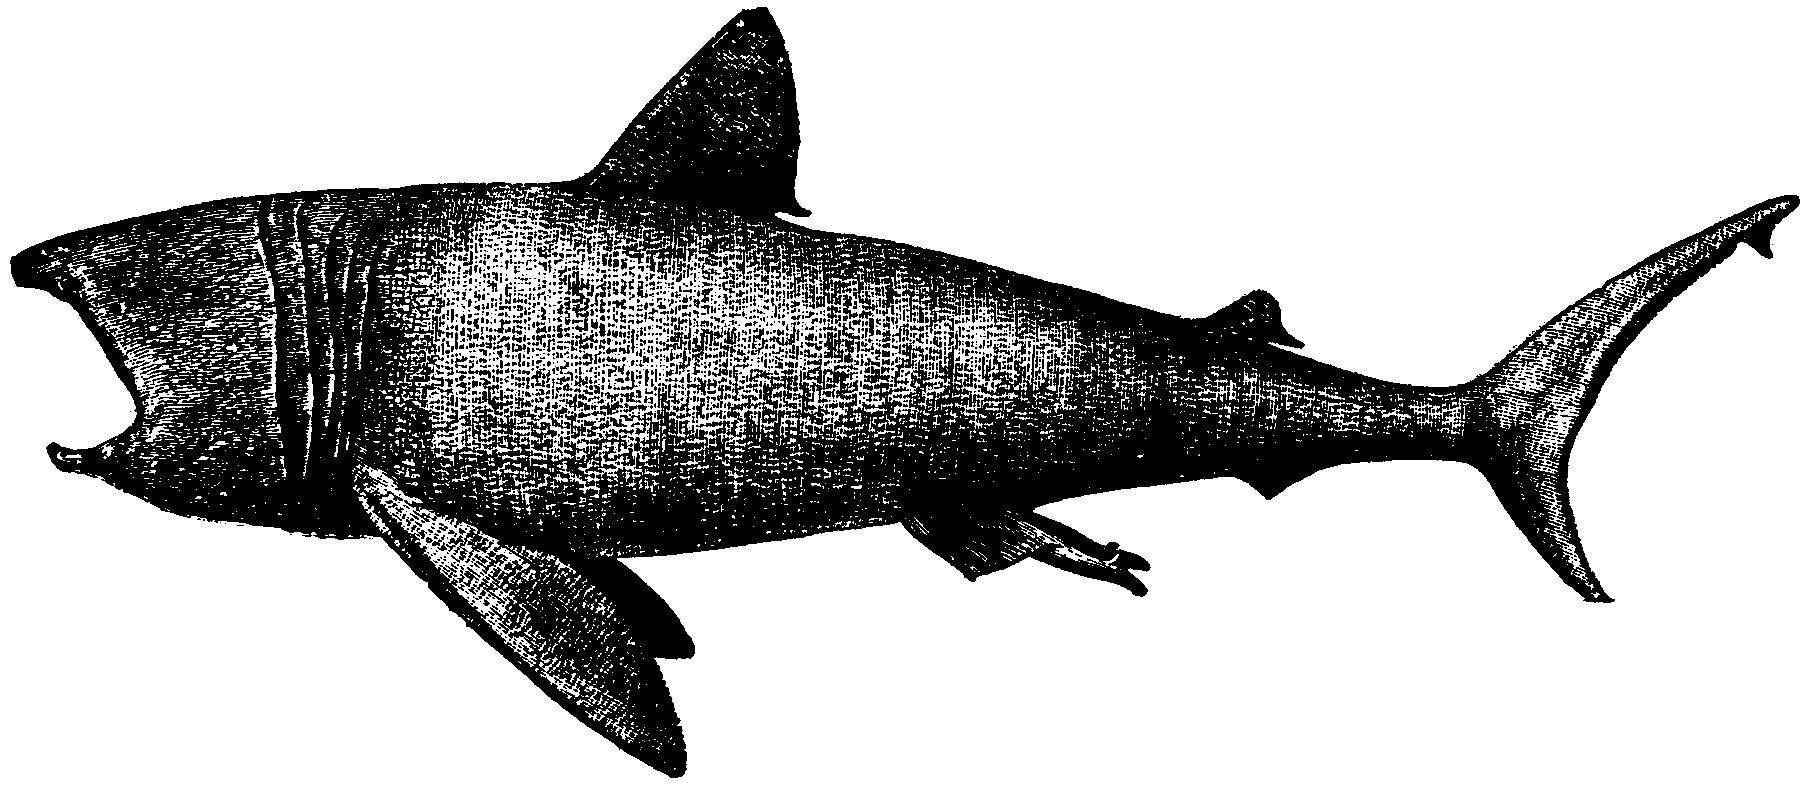 File:Britannica Shark Basking Shark.png